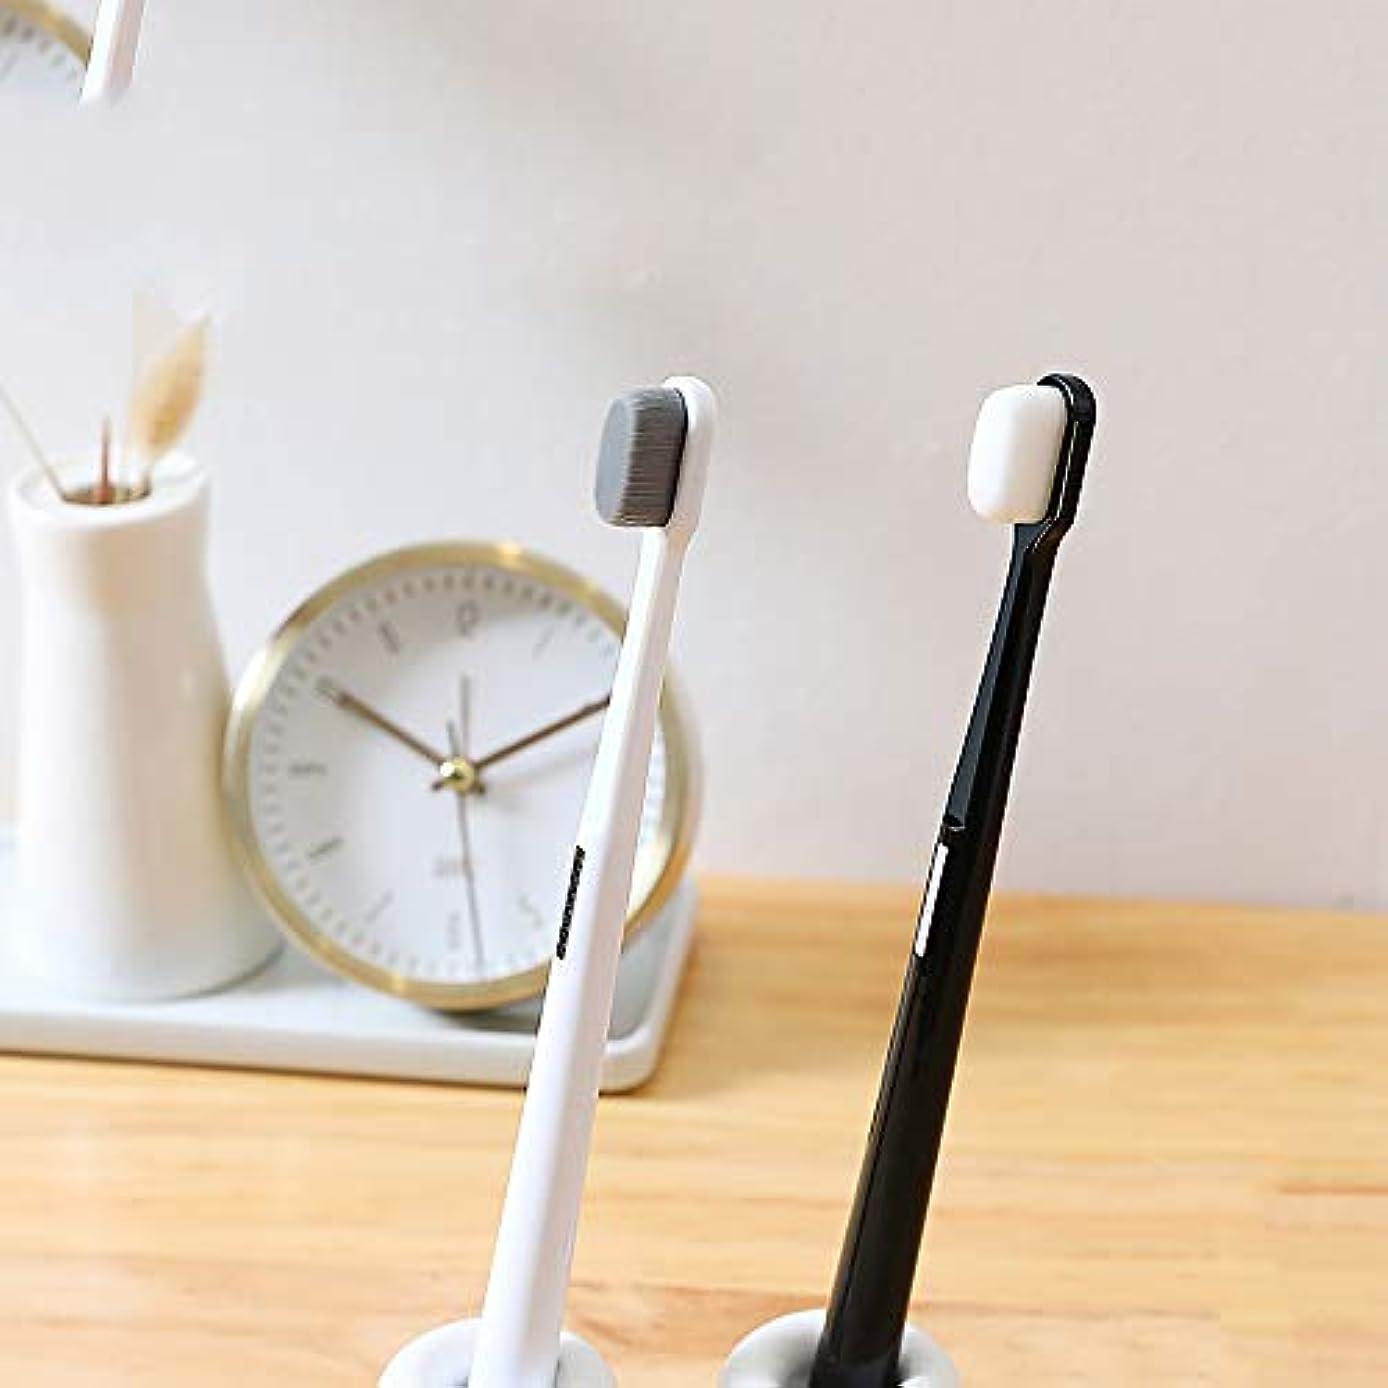 下る滅びる証明書歯ブラシ 2本の歯ブラシ、黒と白の柔らかい歯ブラシ、ナノ小さなブラシヘッド歯ブラシ、バルク歯ブラシ、 HL (サイズ : 2 packs)